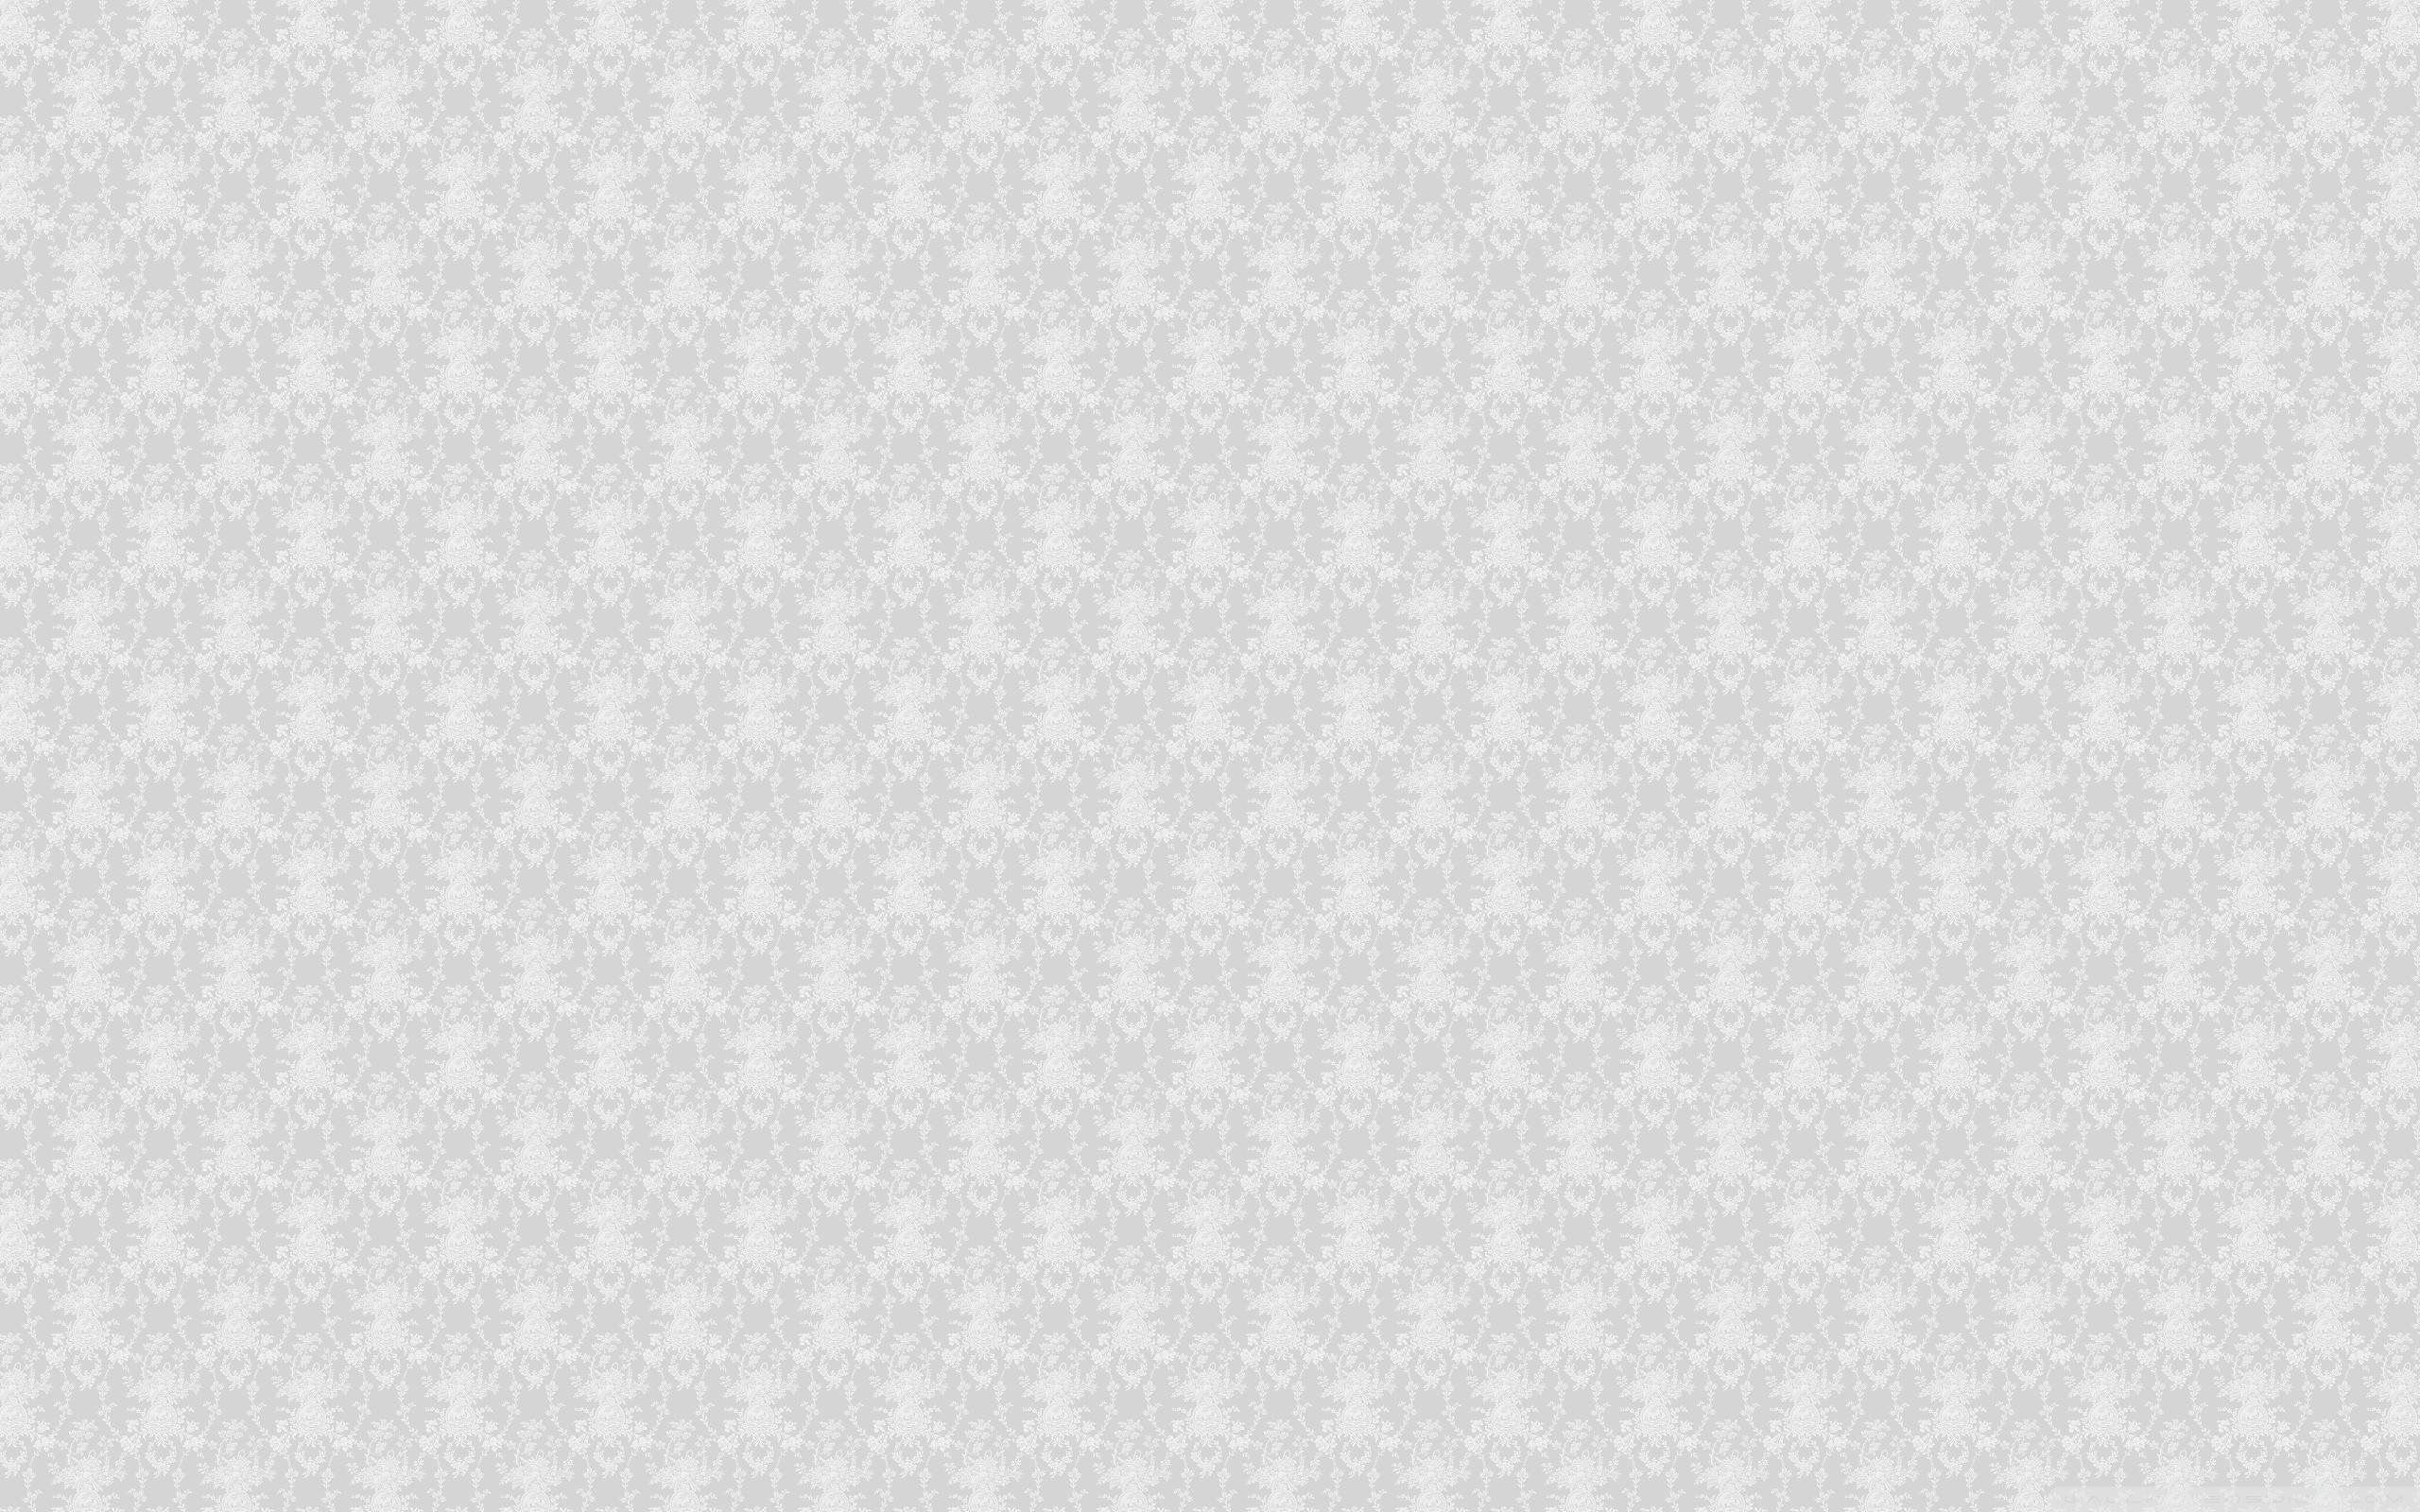 Background Photos Tumblr Black And White White Background Tumblr